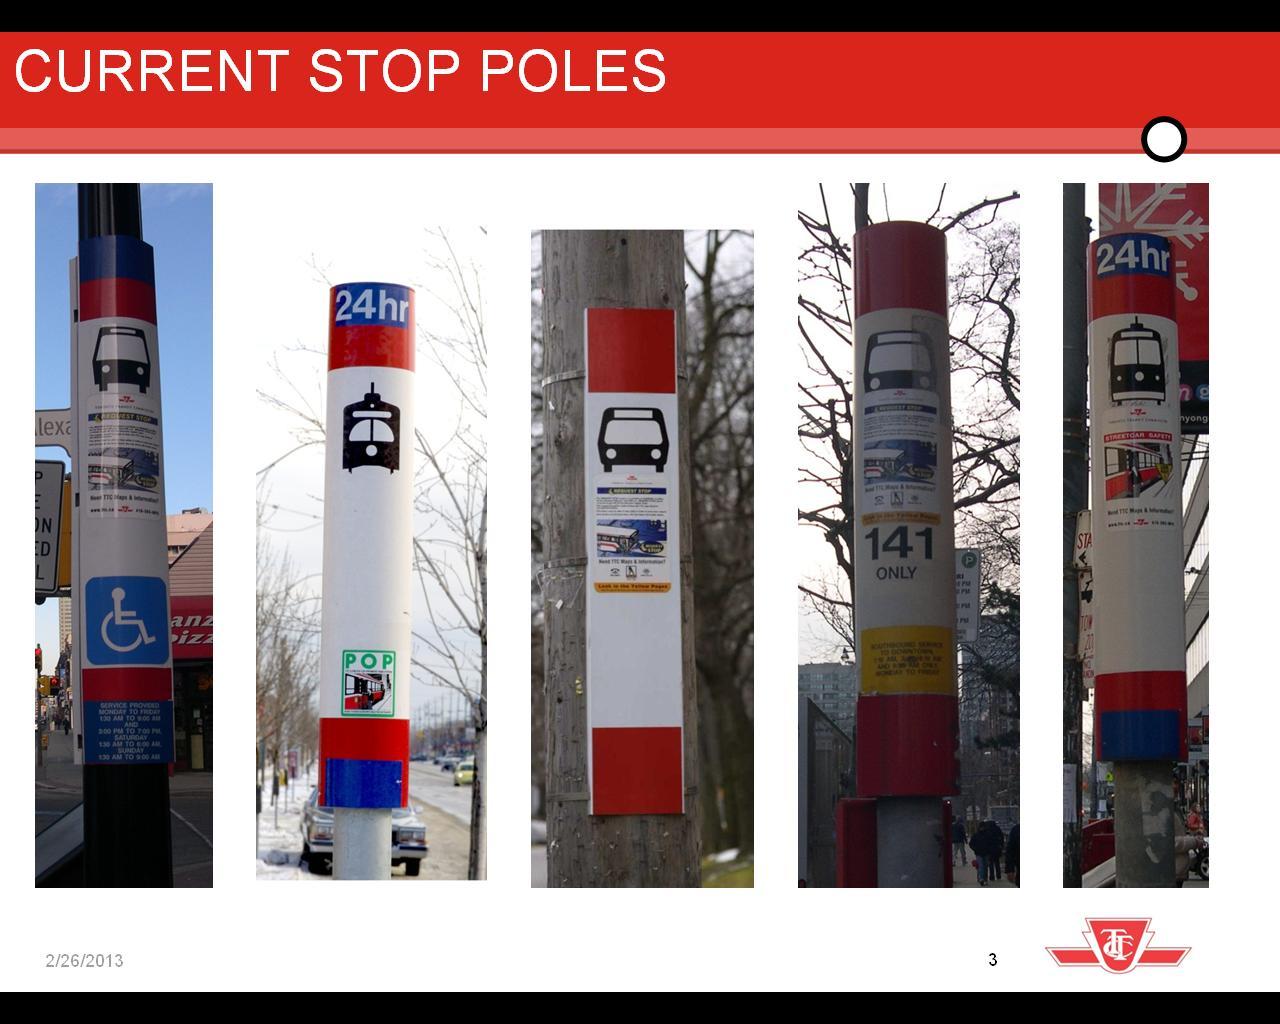 existingstoppoles.jpg